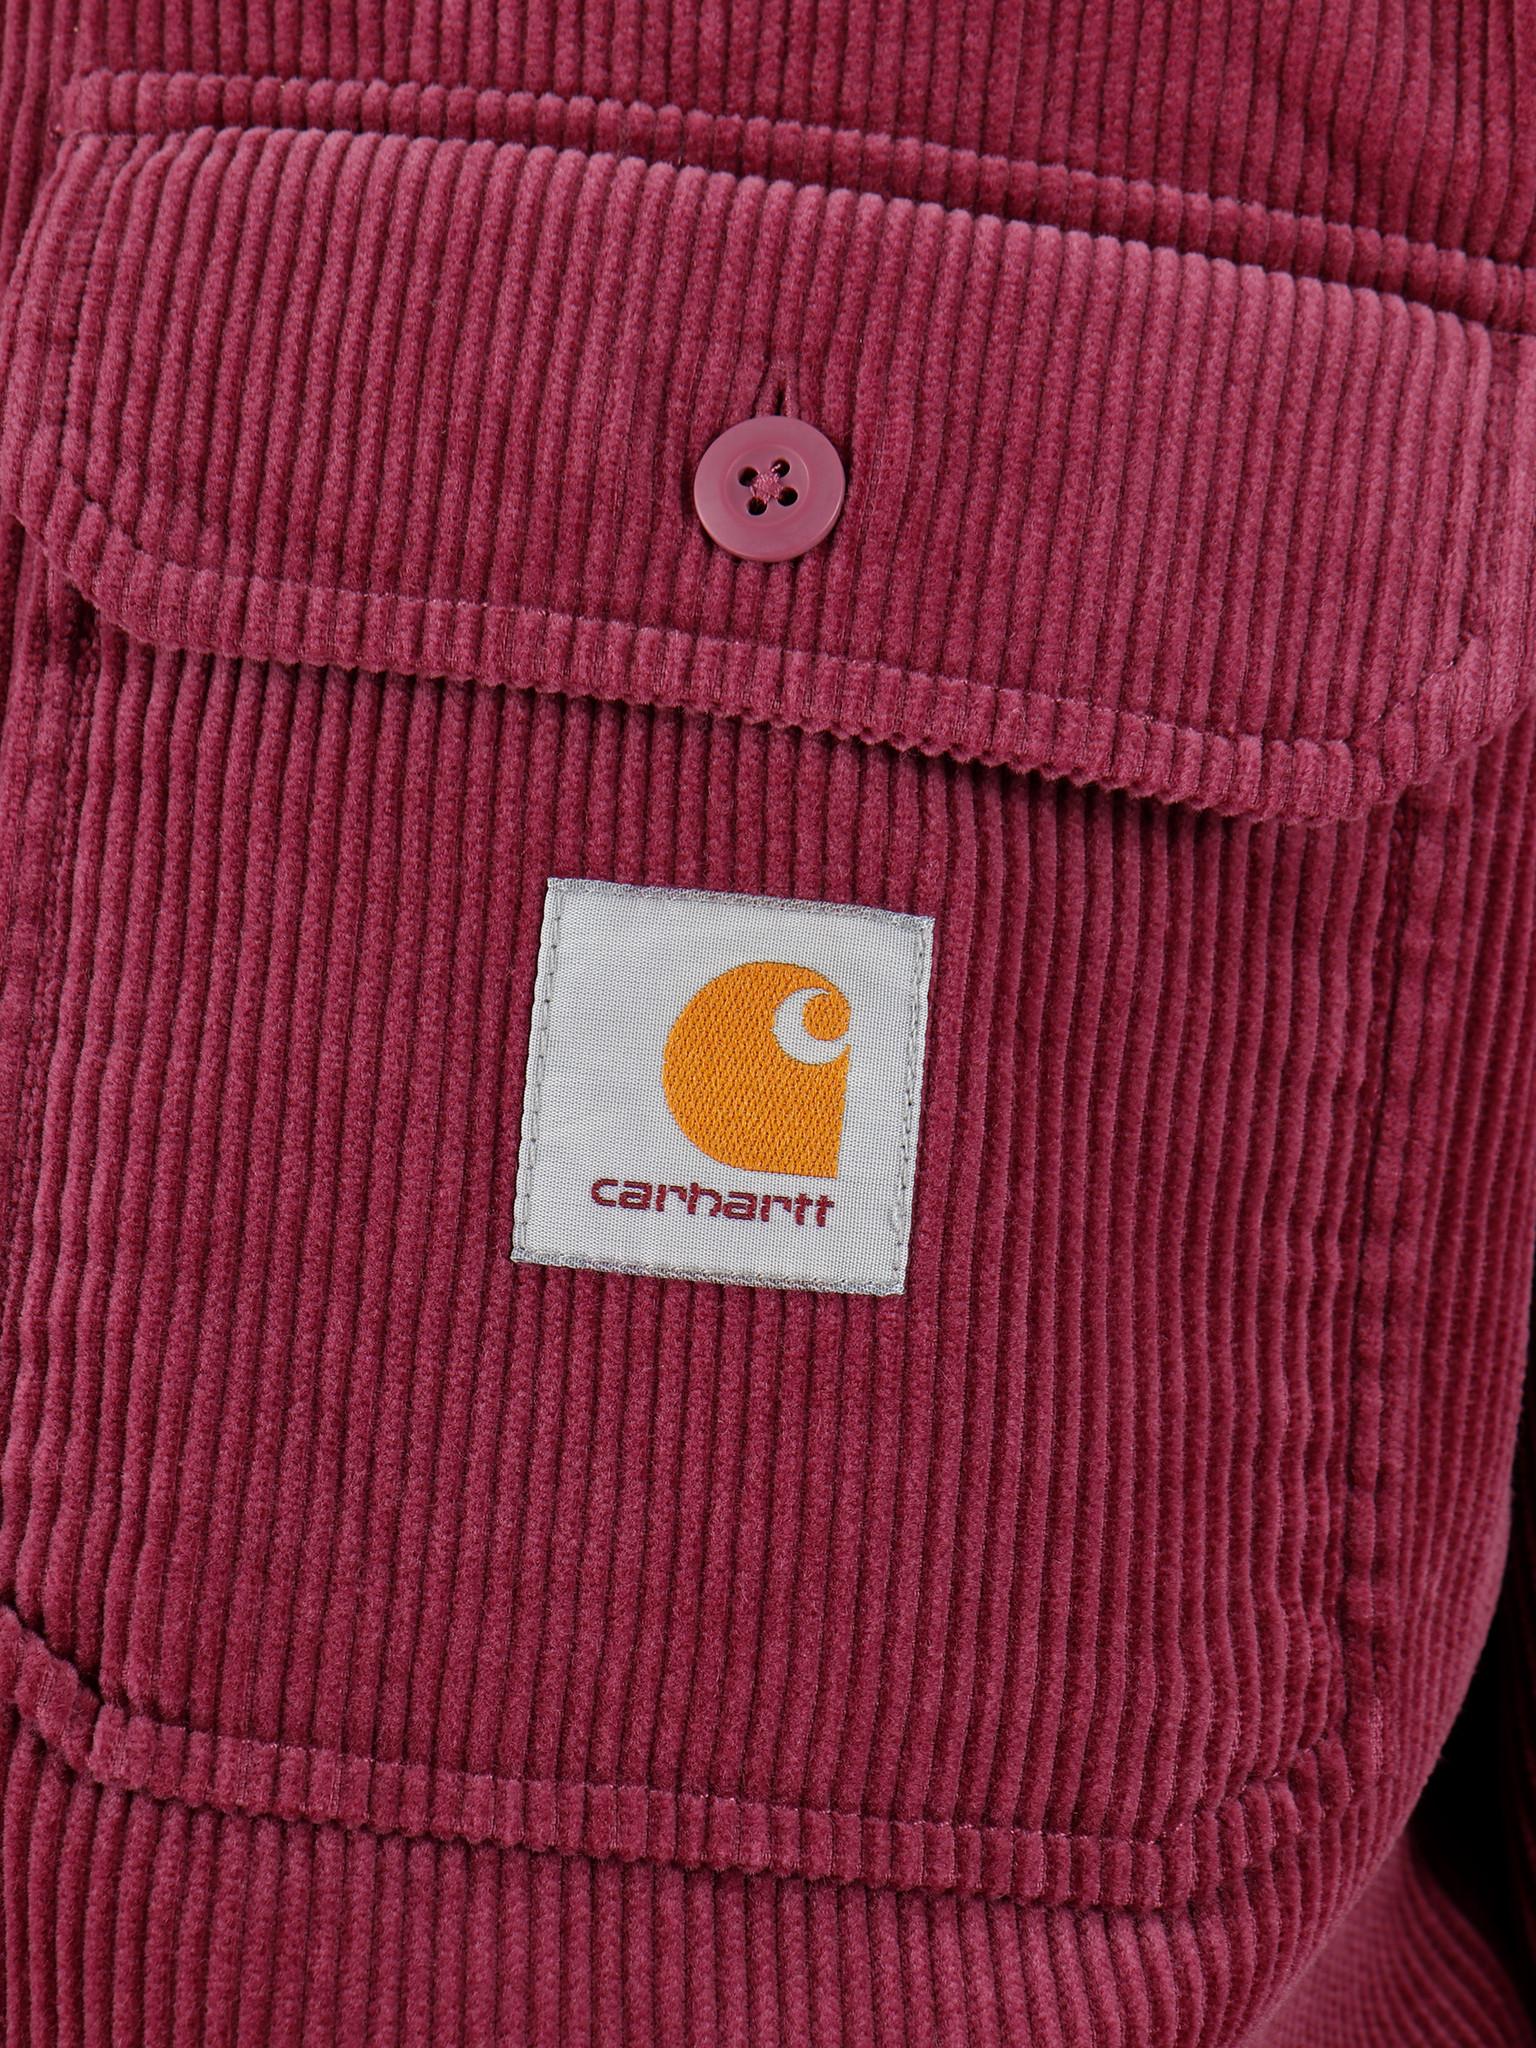 Carhartt WIP Carhartt WIP Whitsome Shirt Jacket Dusty Fuchsia I026814